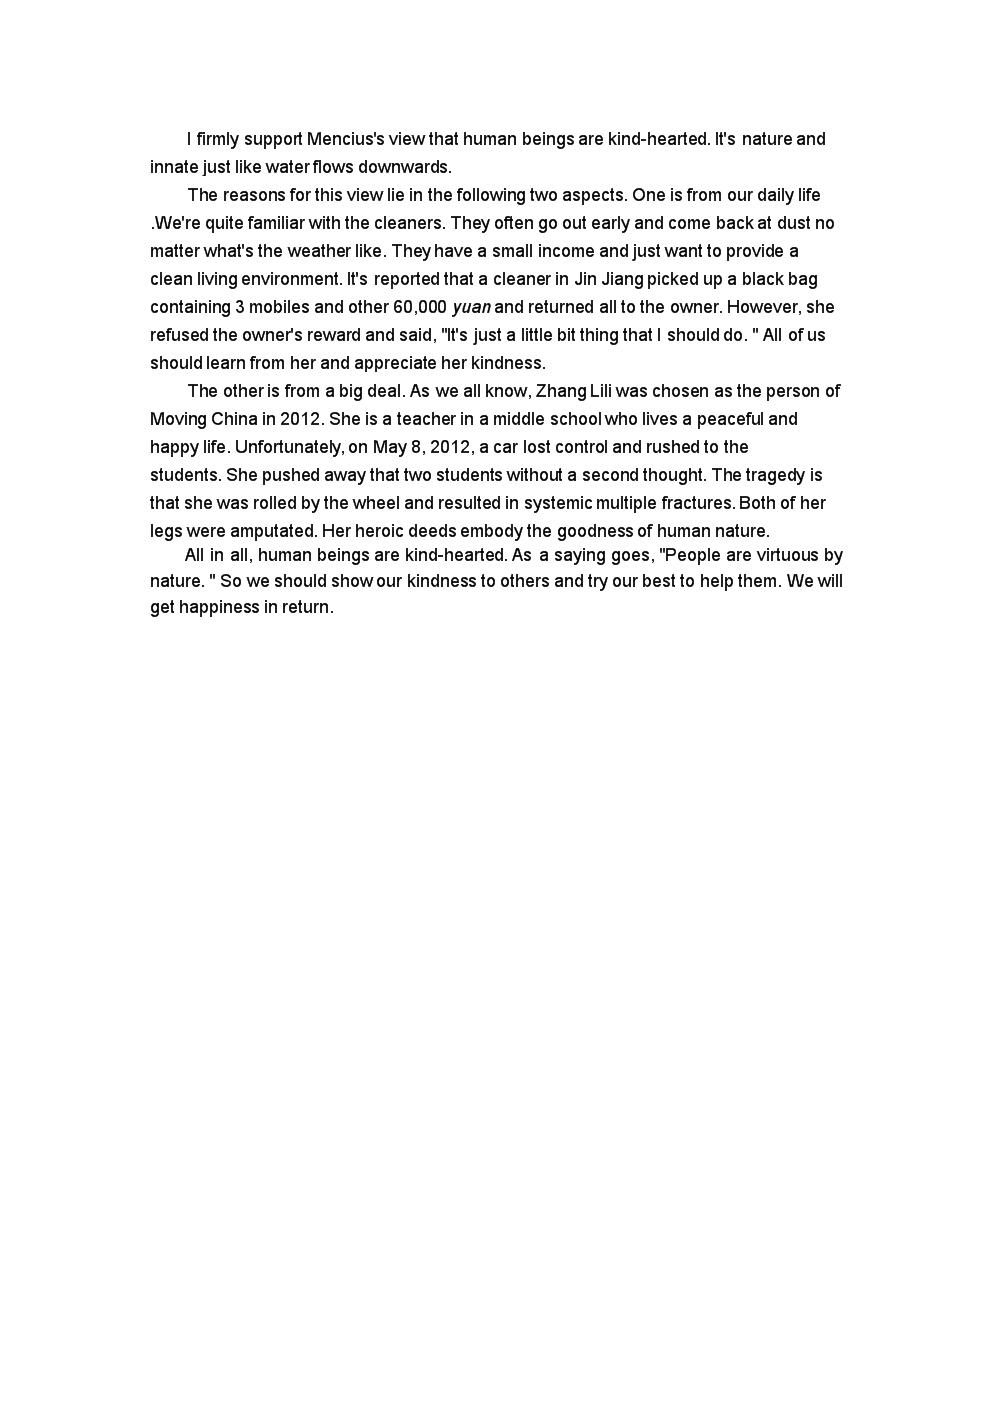 人性善恶的英语议论文作文.doc